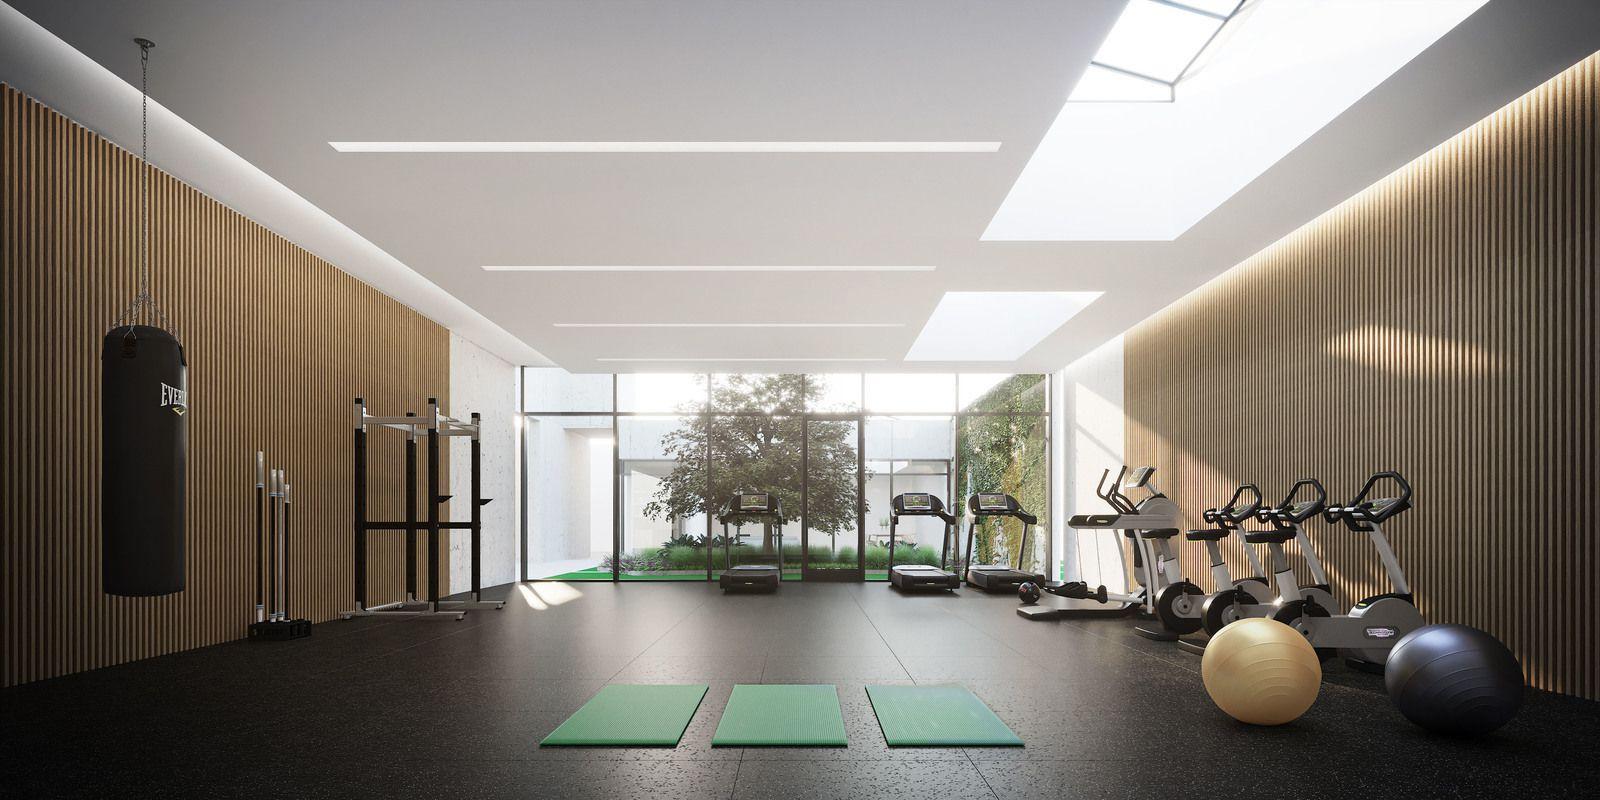 有庭院景观的健身房